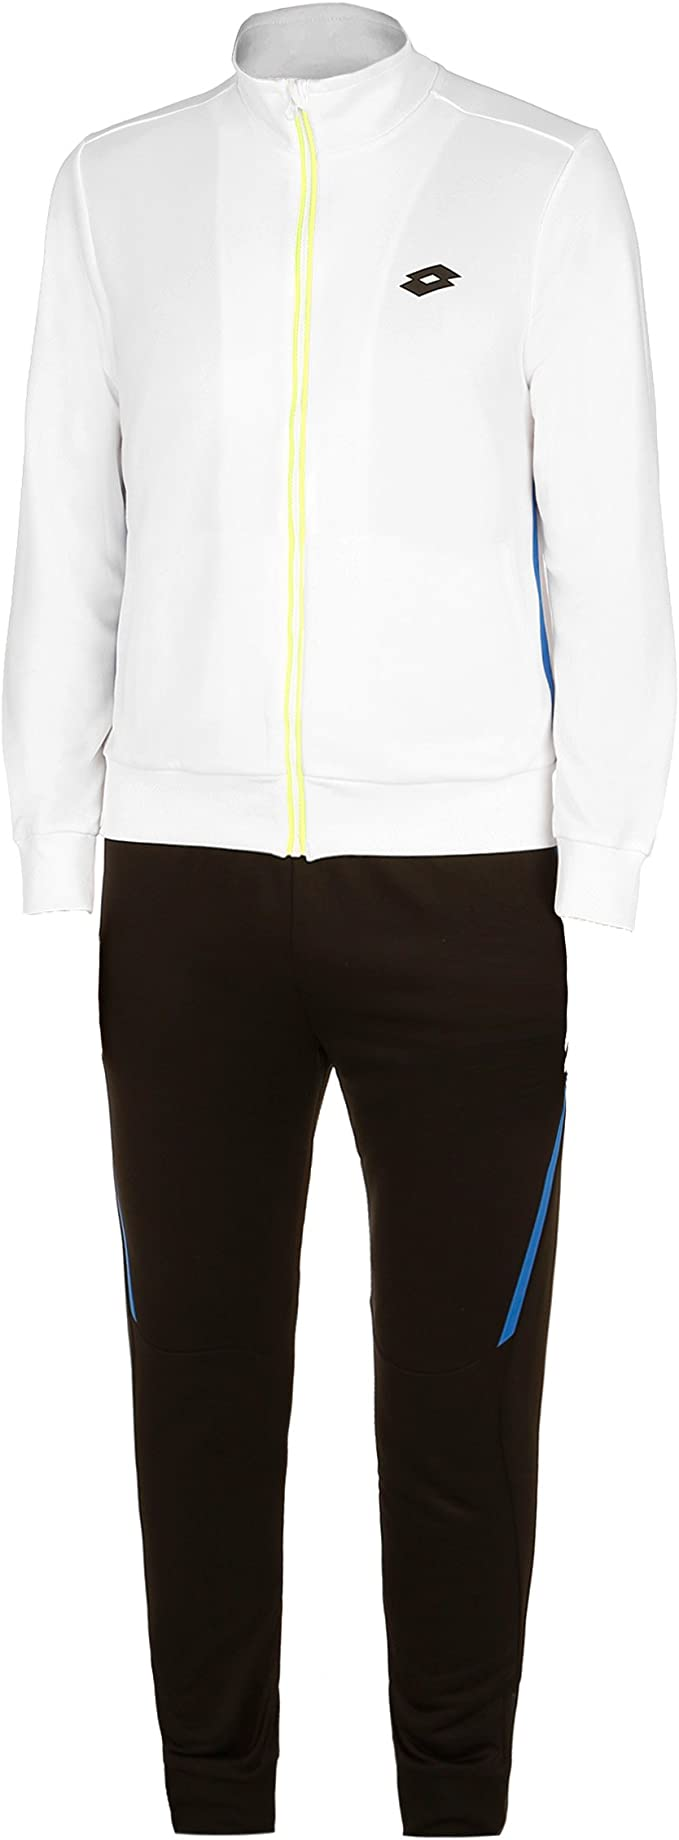 Lotto AYDEX IV Suit - Chándal, Hombre, Blanco(Wht/BLK): Amazon.es ...